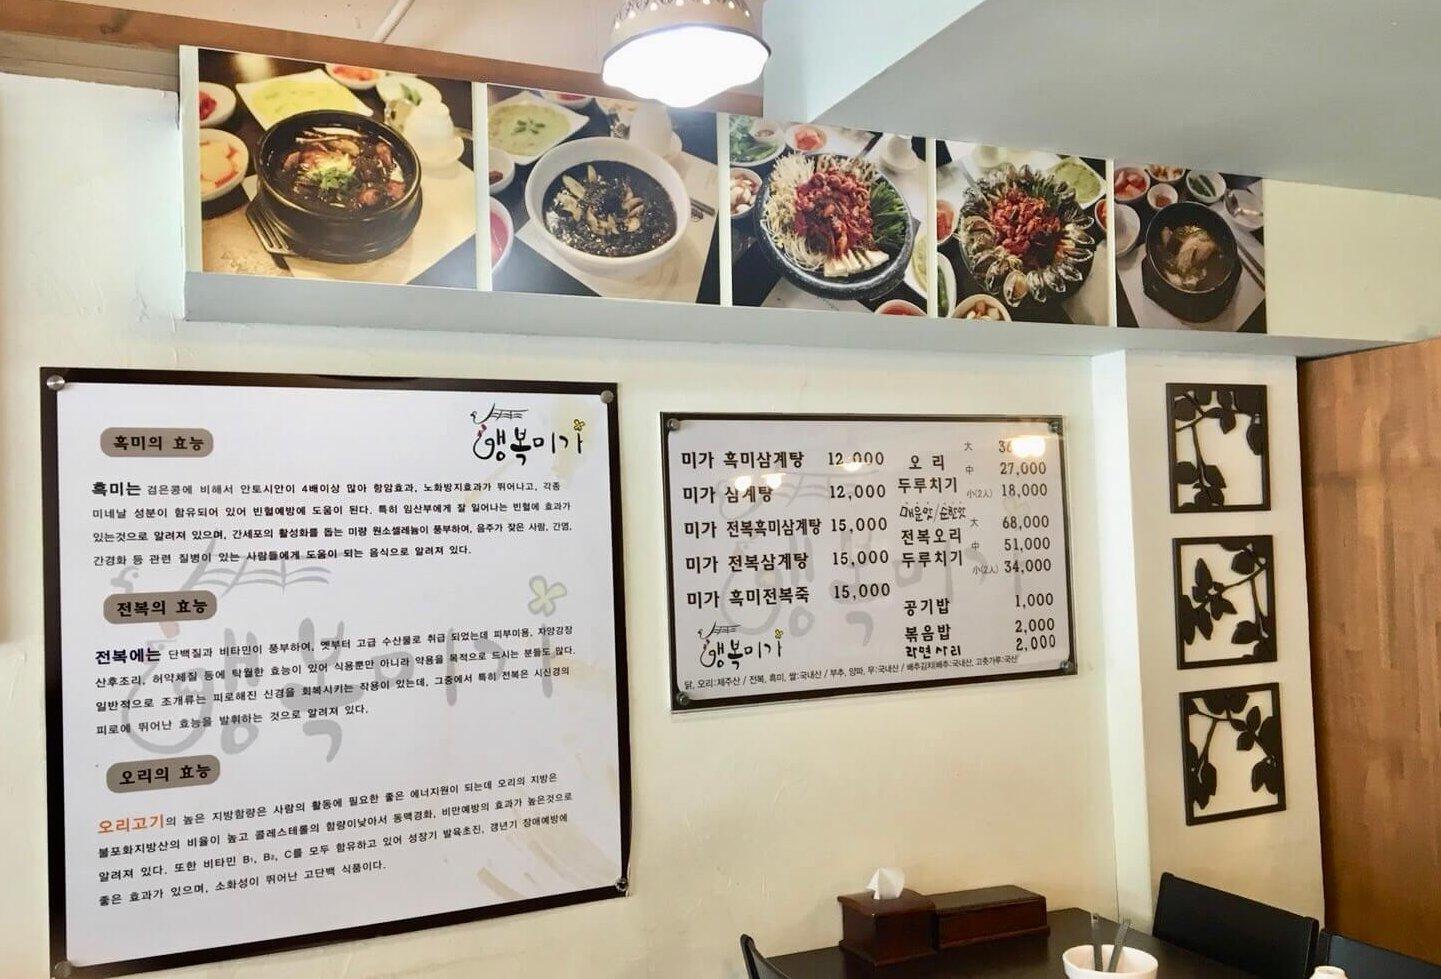 韓国・チェジュ島のサムゲタンのお店の内観